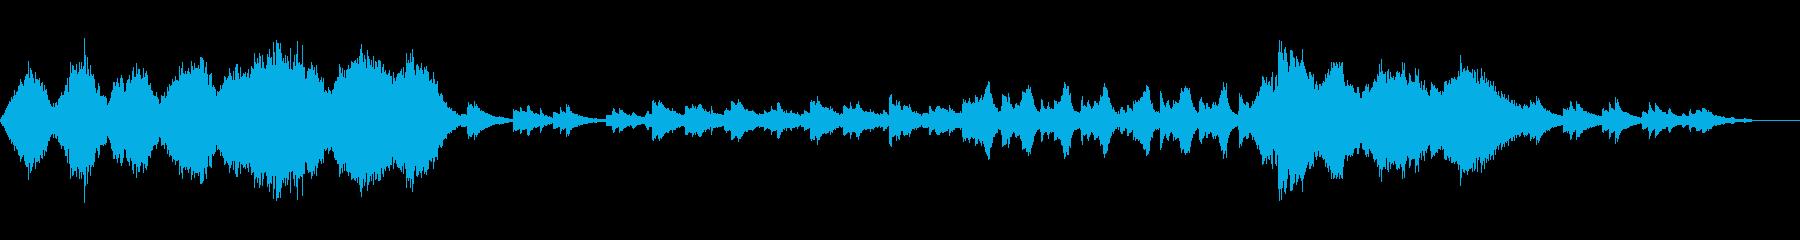 穏やかなイメージのオーケストラの再生済みの波形